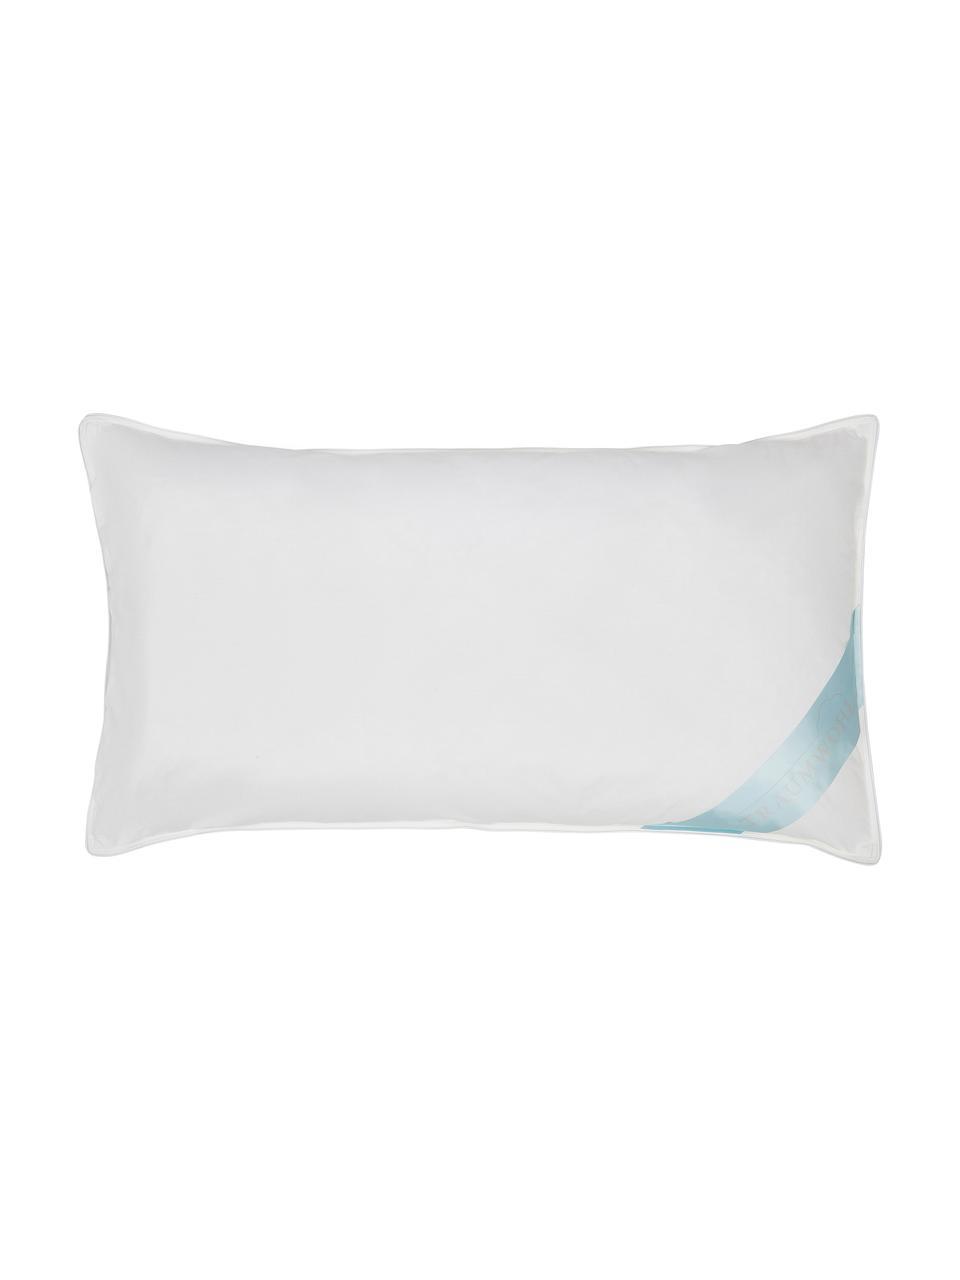 Nackenstützkissen Viscoflow Fibre, fest, Hülle: 100% Baumwolle (Mako-Eins, Außen: Polyester (Hohlfaserkugel, Weiß, 40 x 80 cm